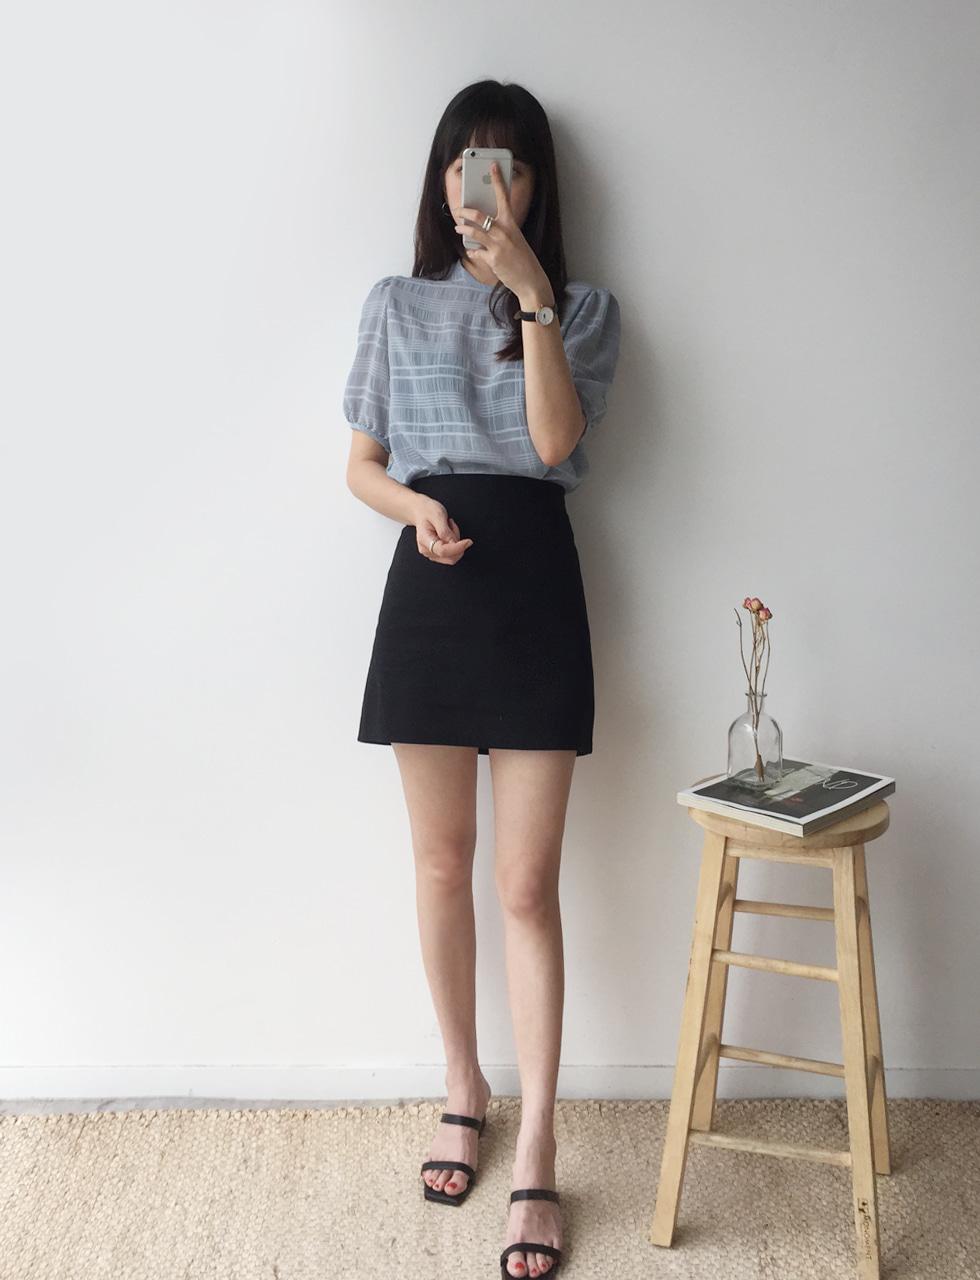 Mono check blouse